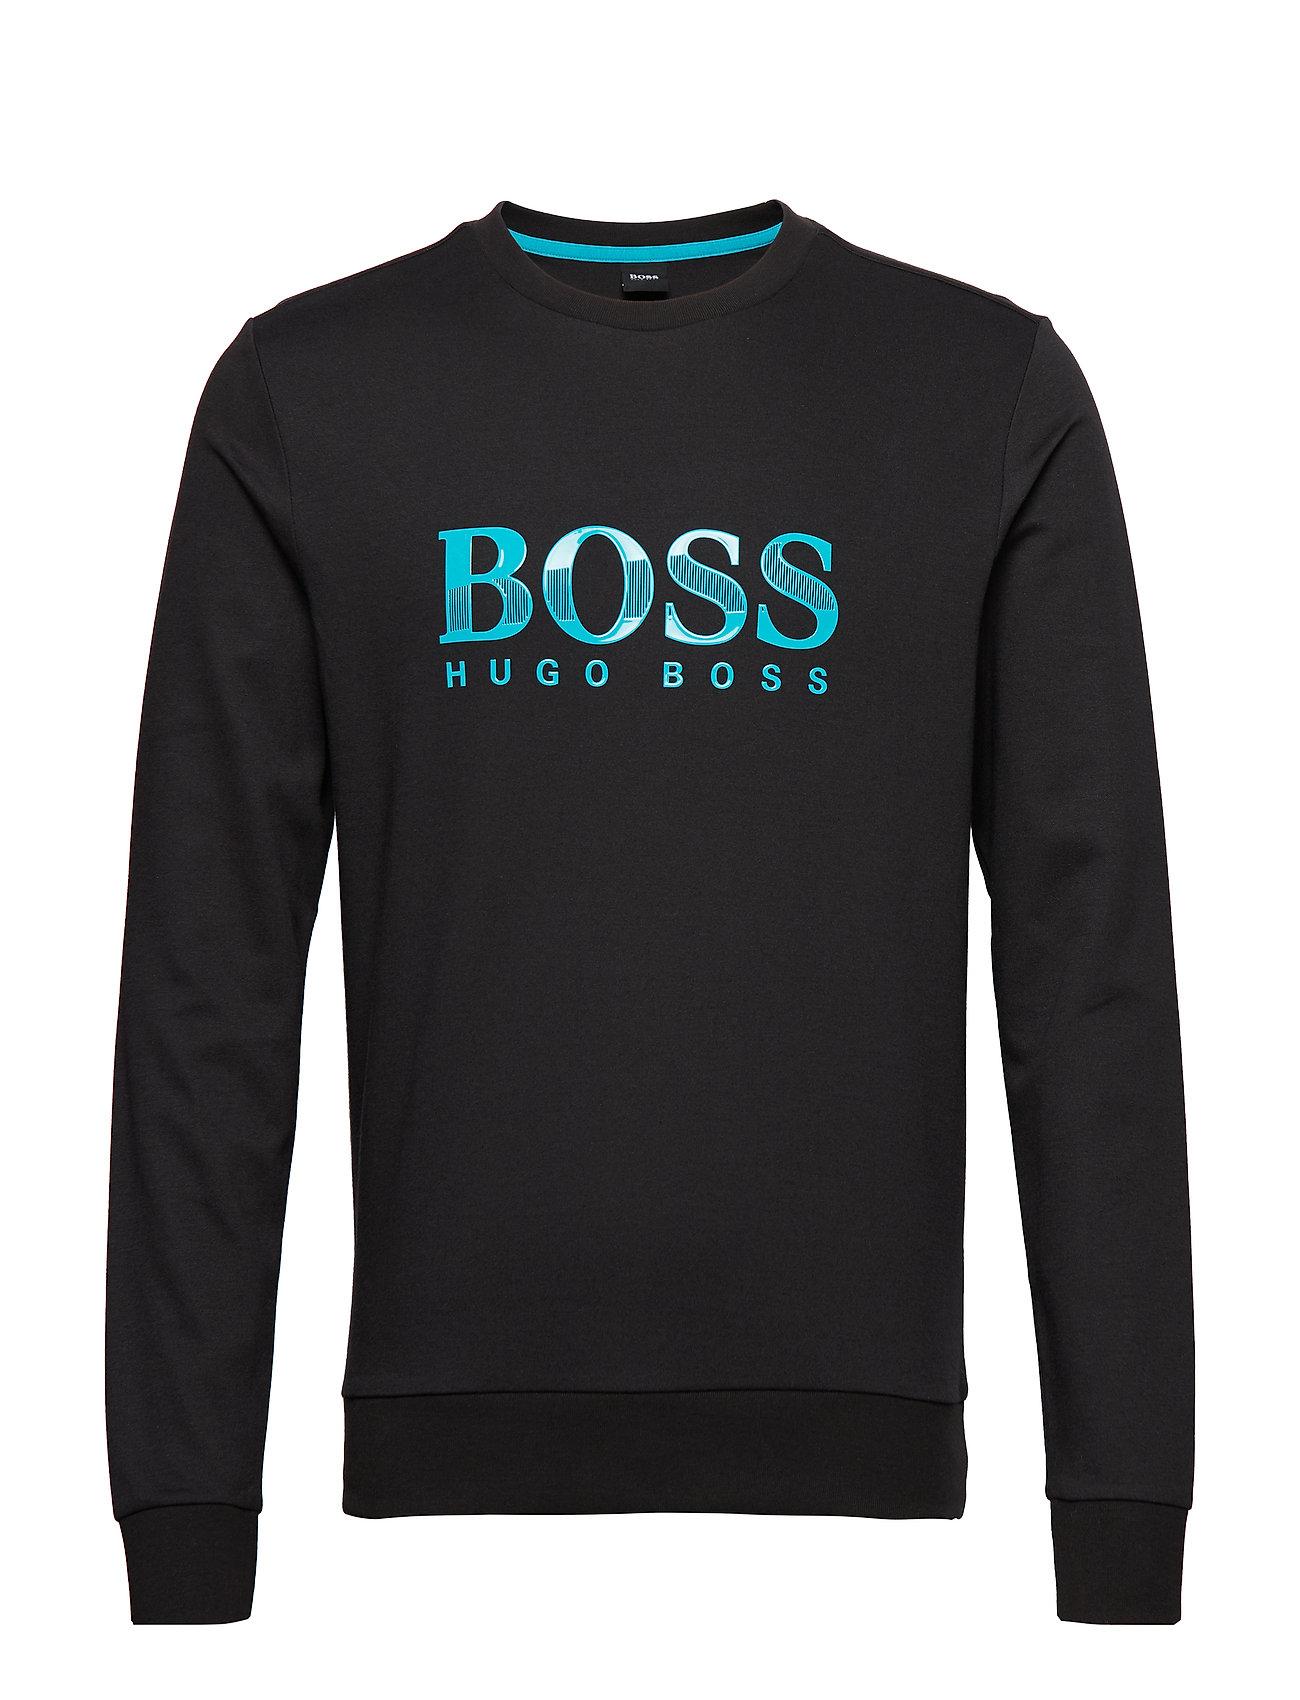 BOSS Business Wear Tracksuit Sweatshirt - BLACK